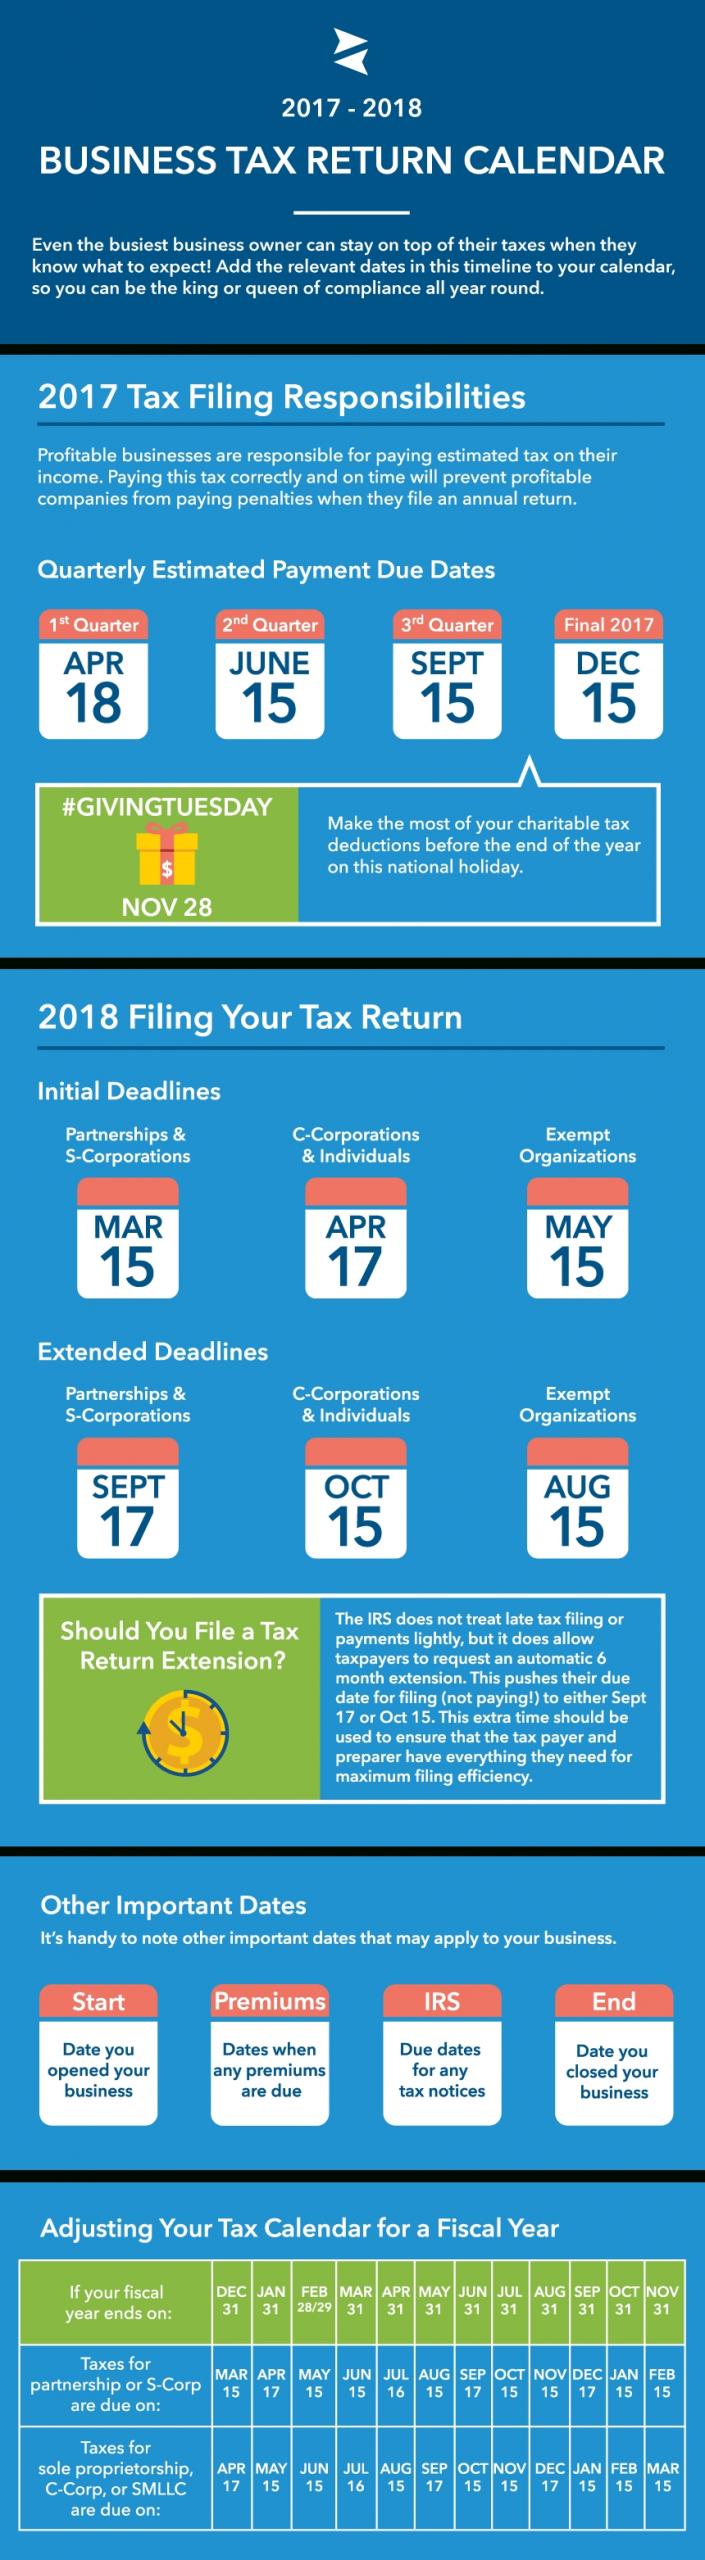 2017-2018 Business Tax Deadlines Calendar